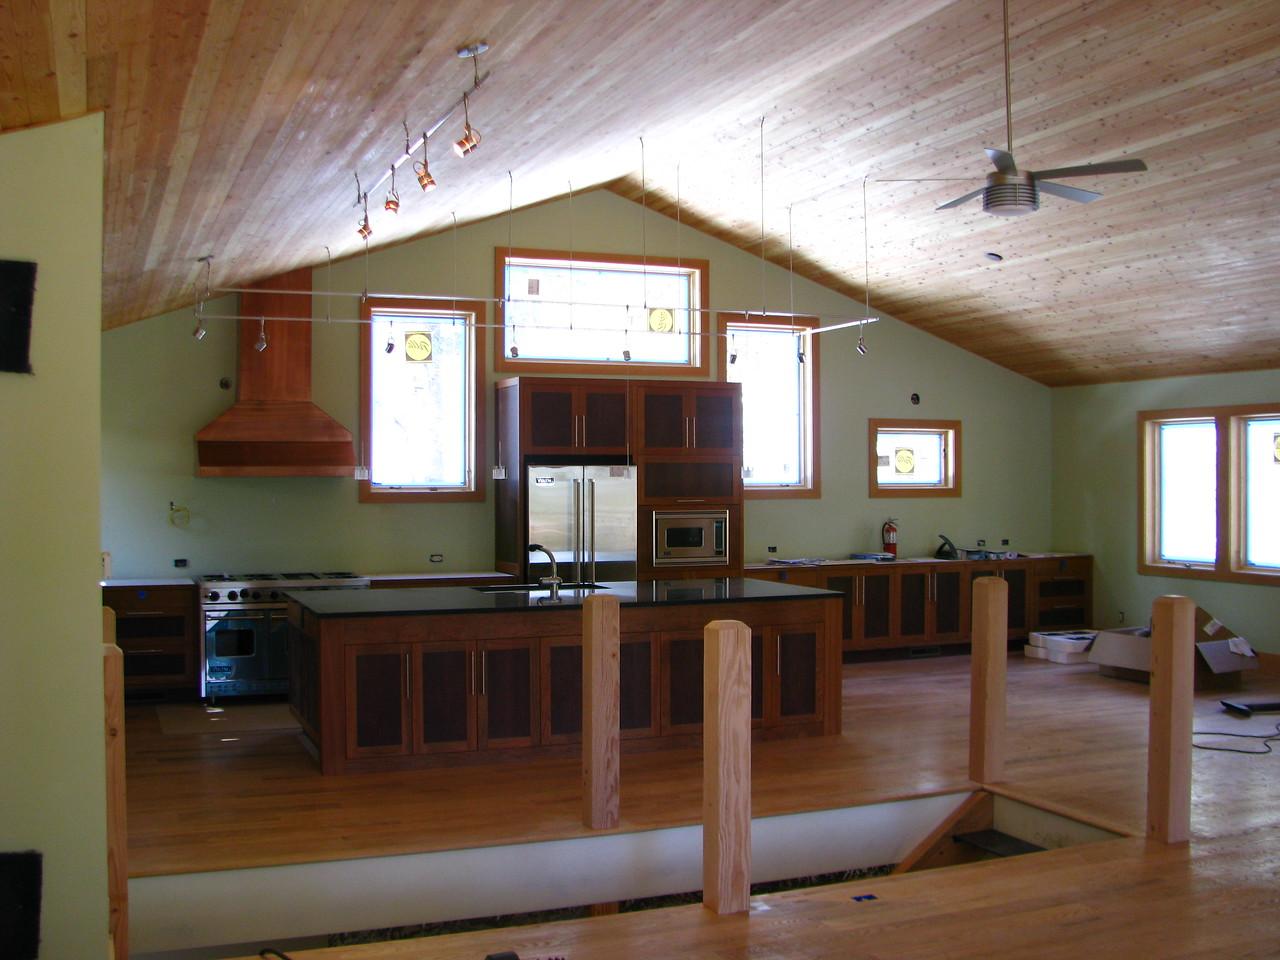 KITCHEN EXHAUST HOOD - Teton Village WY